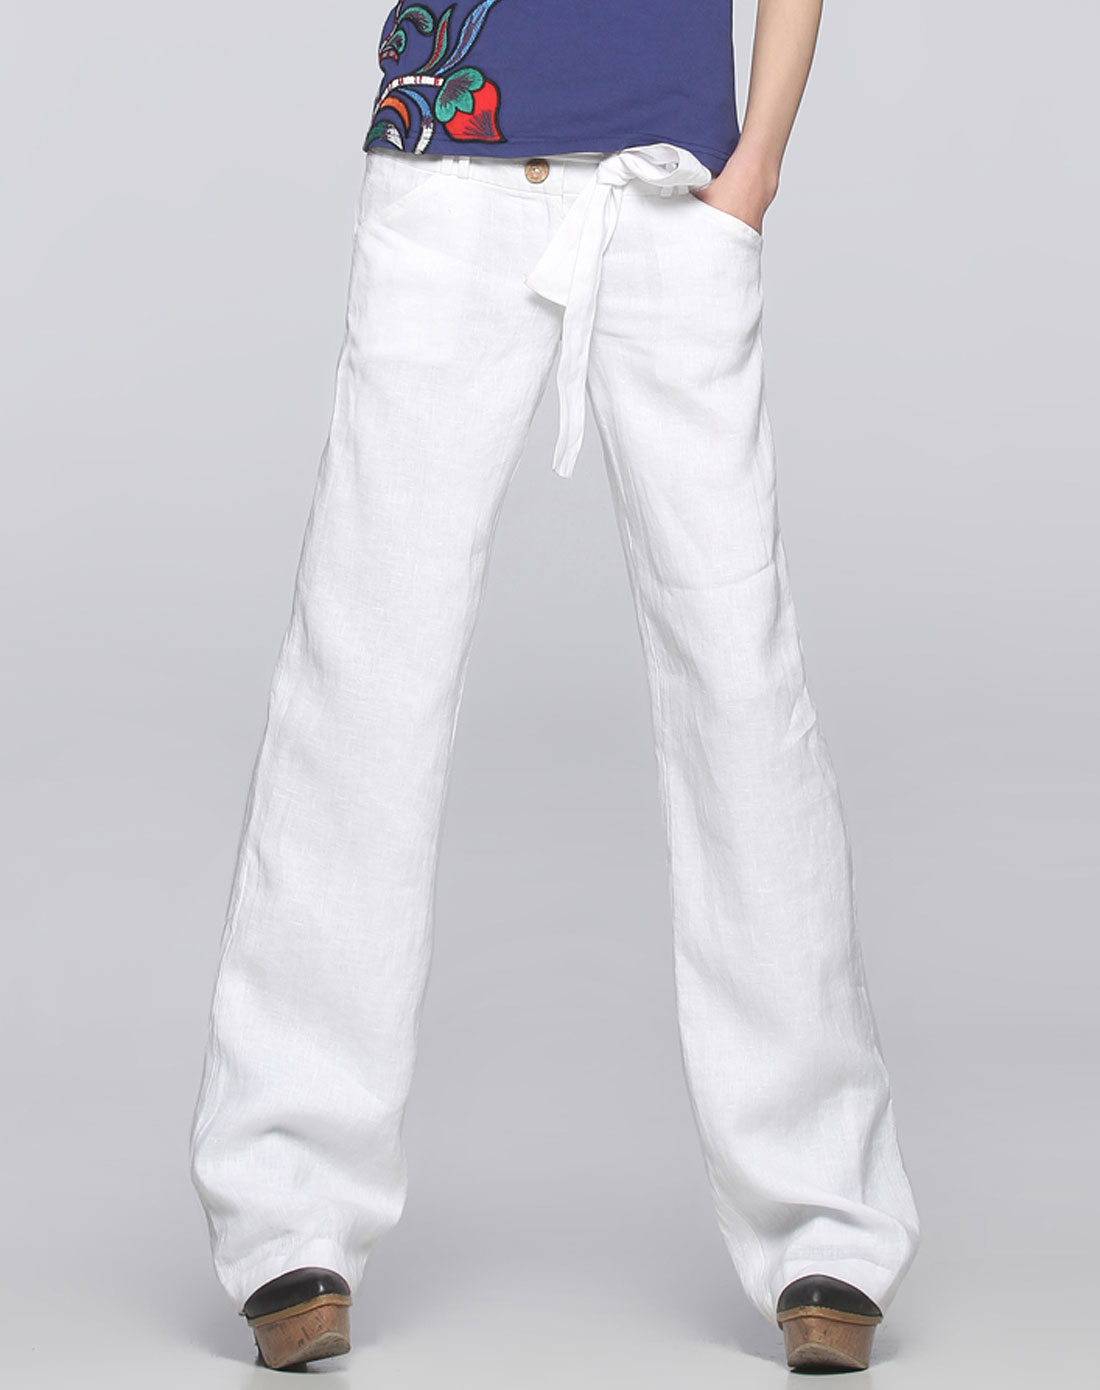 阔腿裤服装款式图正反面手绘